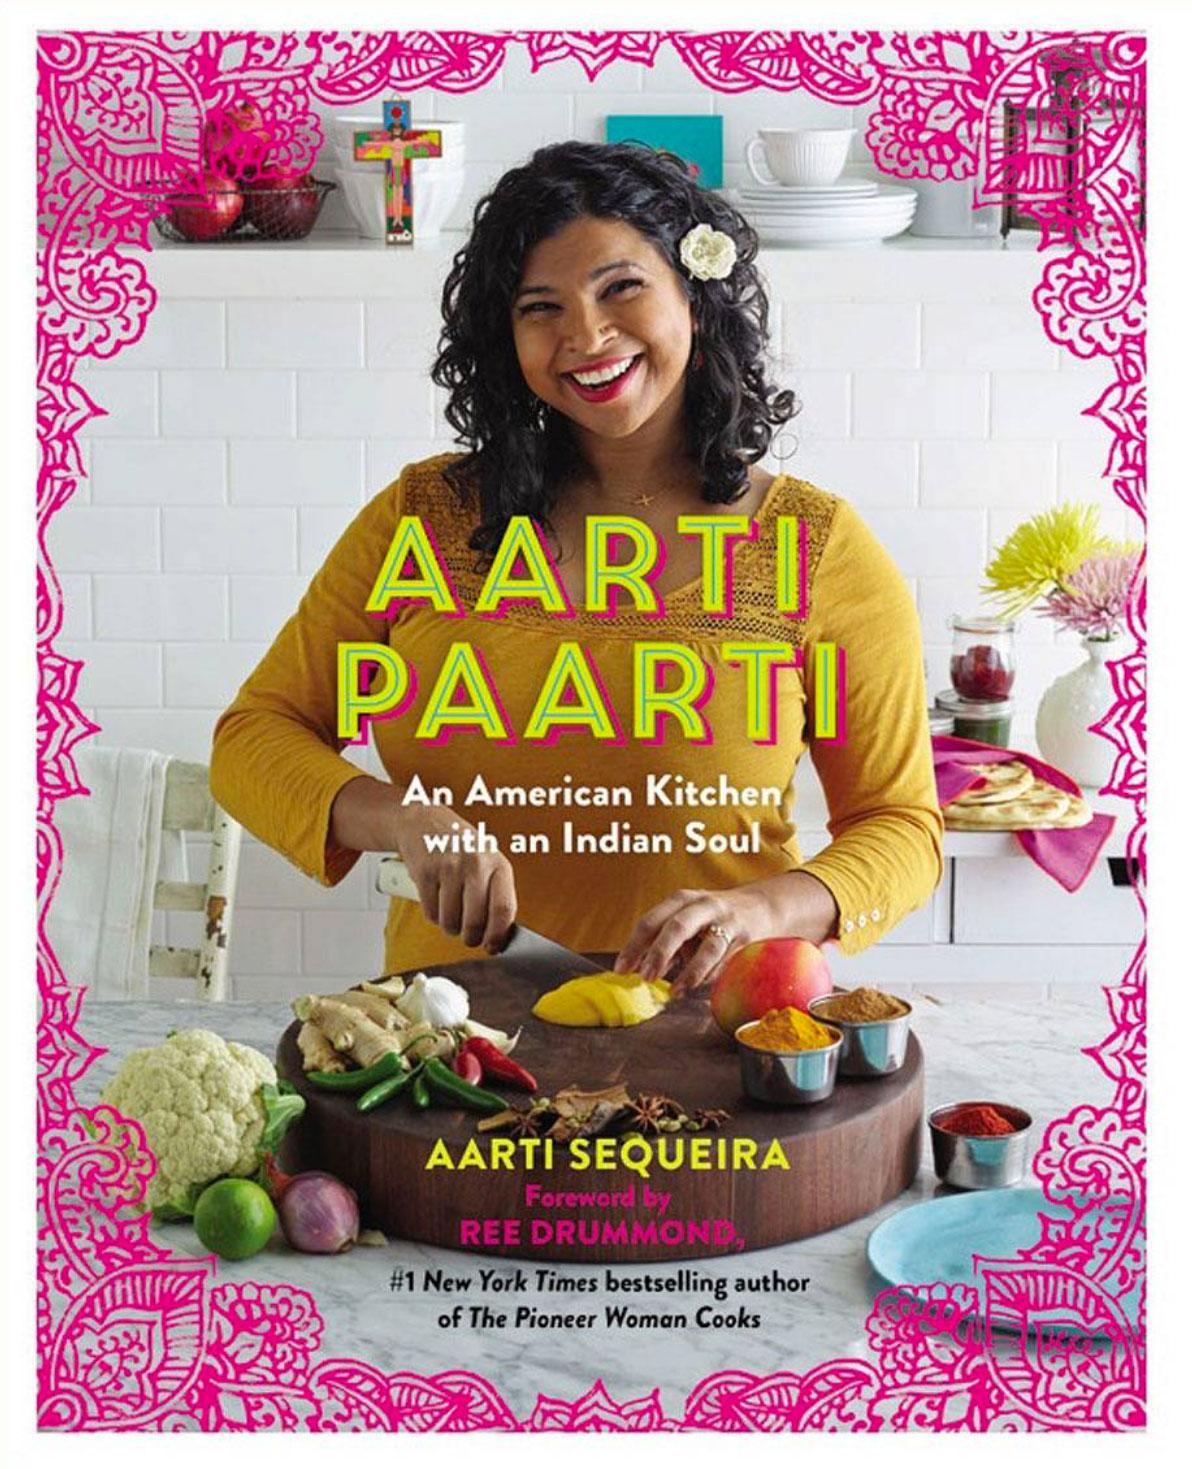 Aaarti-Party-Cookbook.jpg